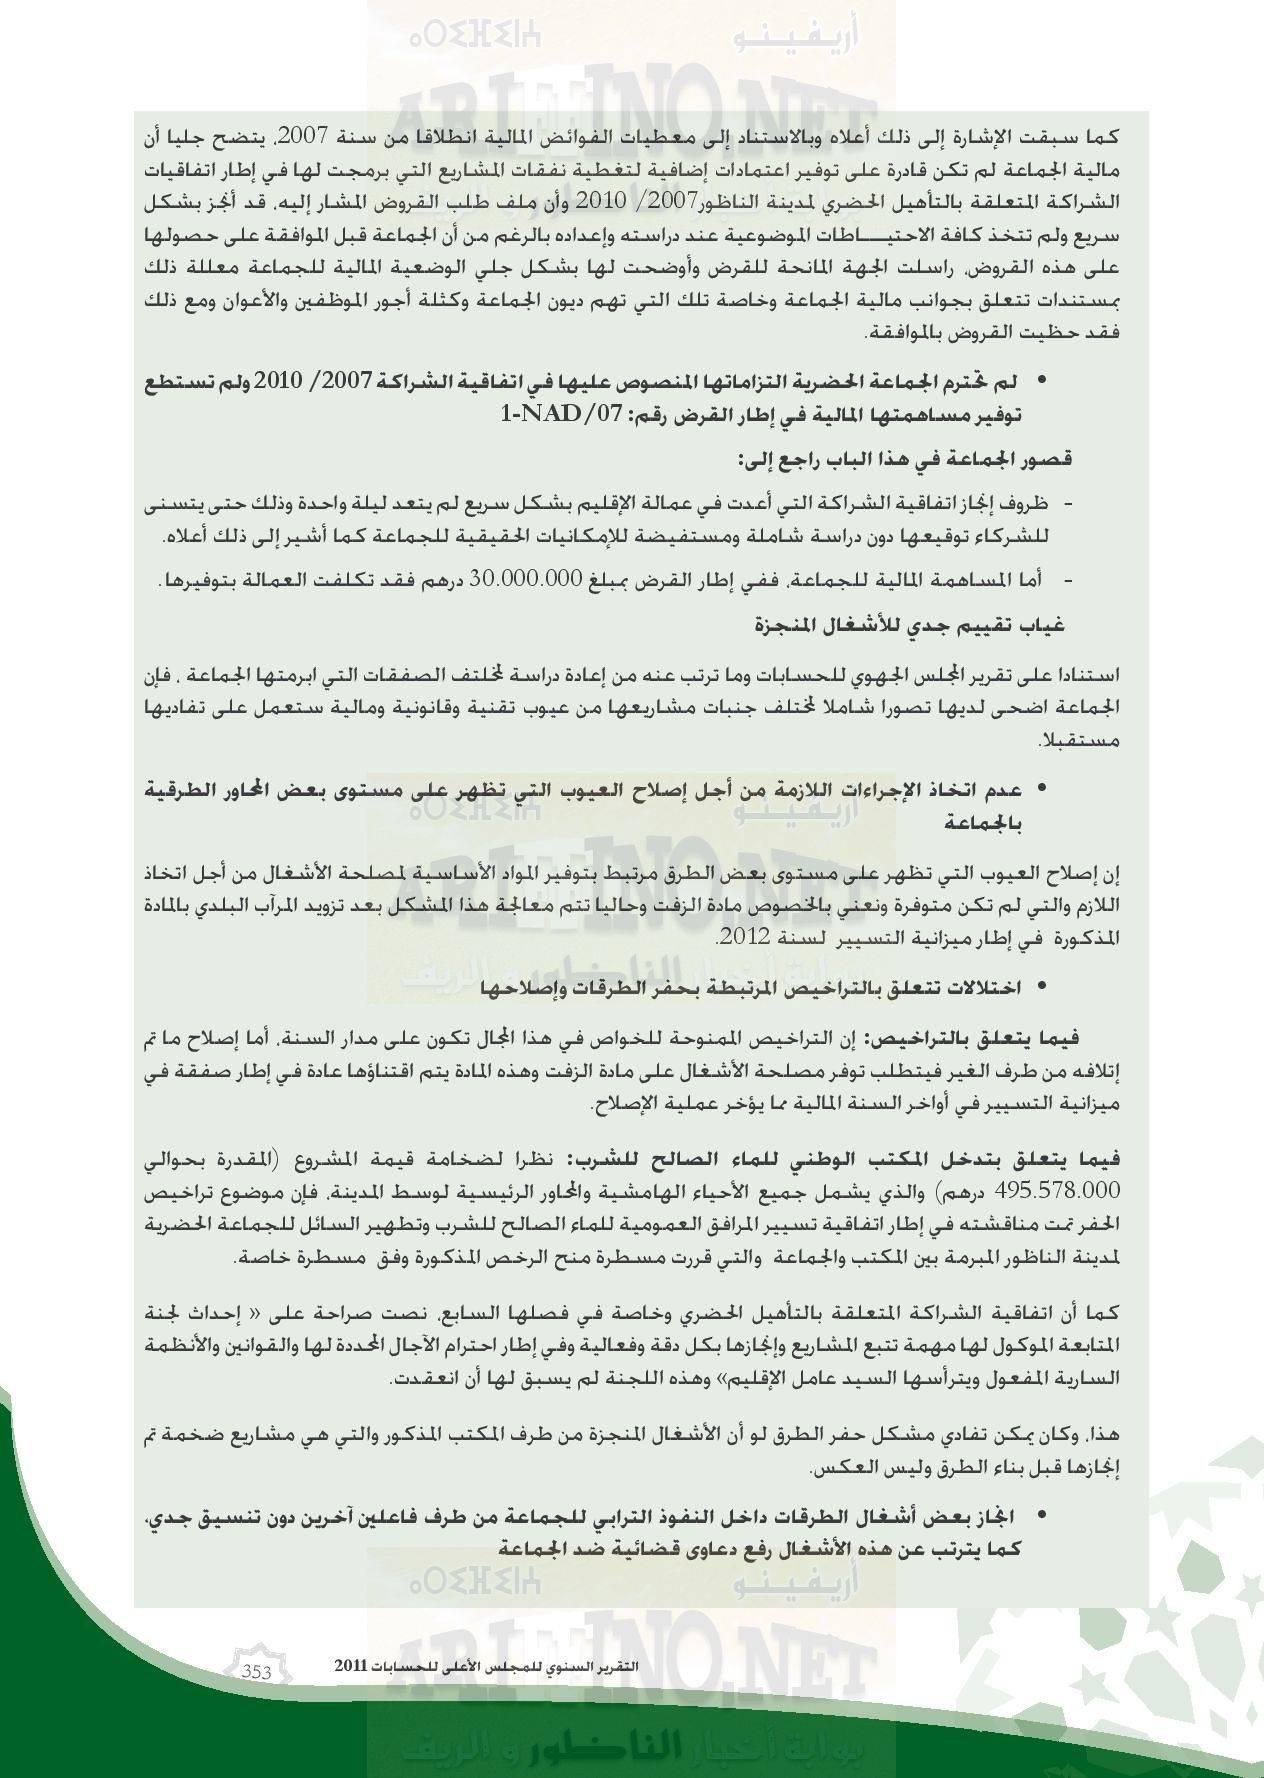 nador_0079 تقرير المجلس الاعلى للحسابات: بلدية الناظور تعيش إختلالات و عشوائية و عاجزة عن القيام بمهامها